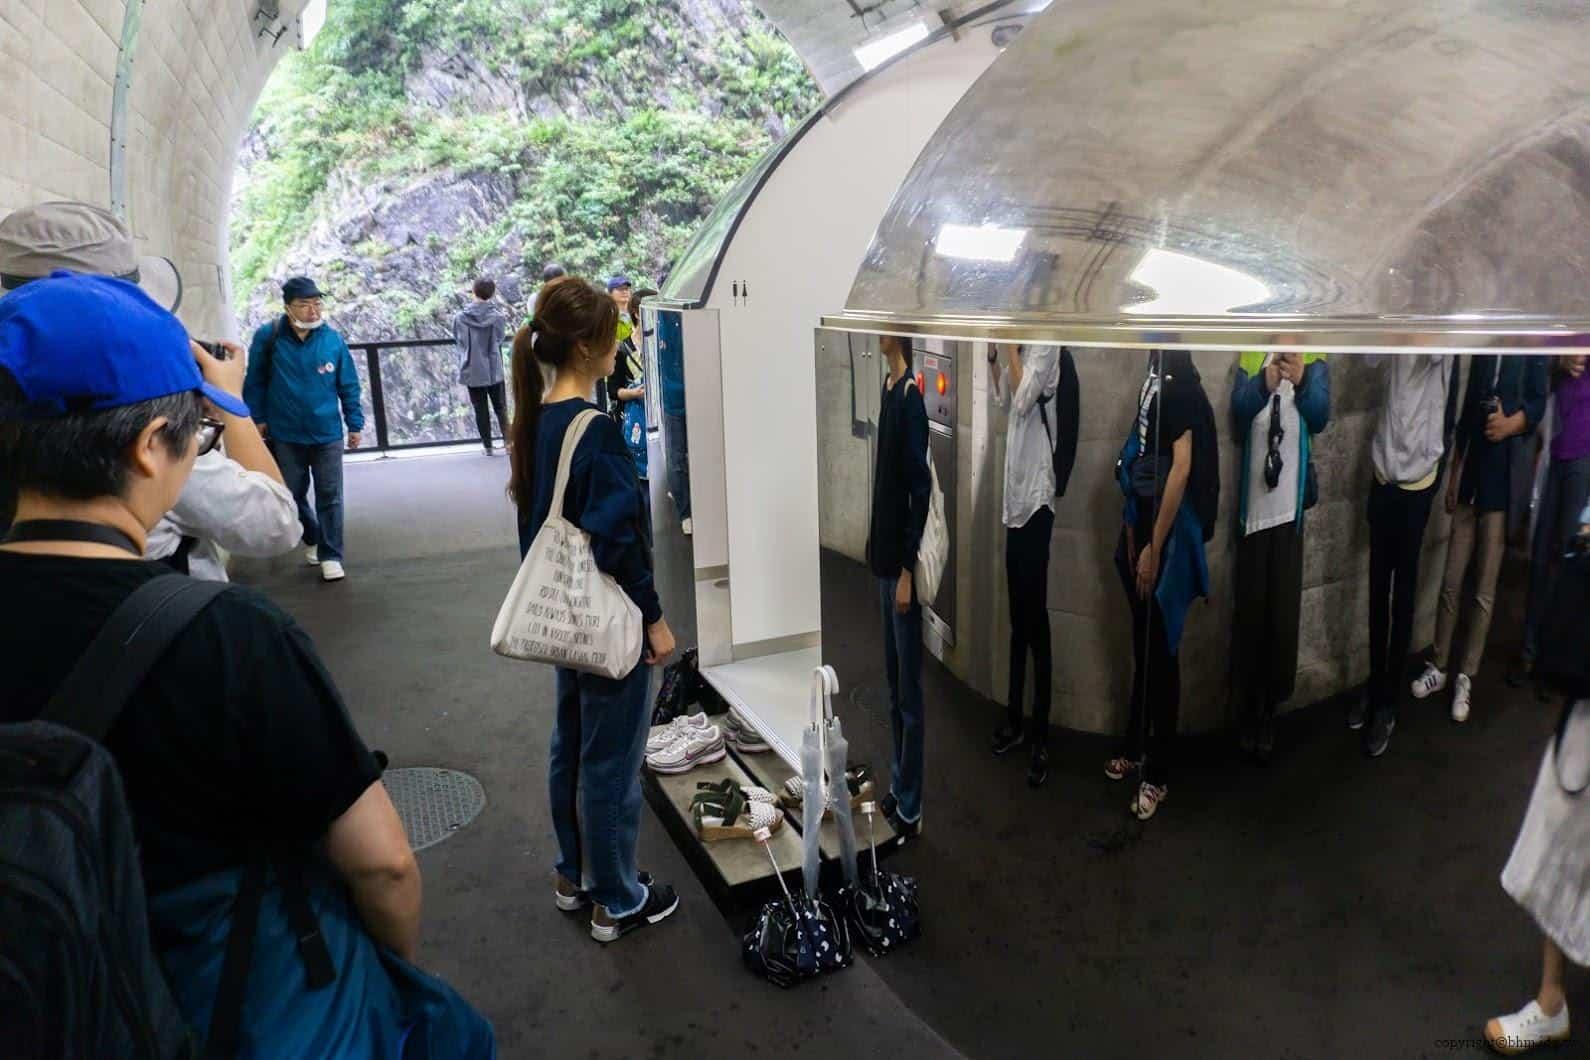 馬岩松,光洞,窺—金(第二觀景台),單面透視鏡洗手間「隱形泡泡」,遊客大排長龍,但因應該都不是真的想如廁 越後妻有 光洞 periscopelight cave 09